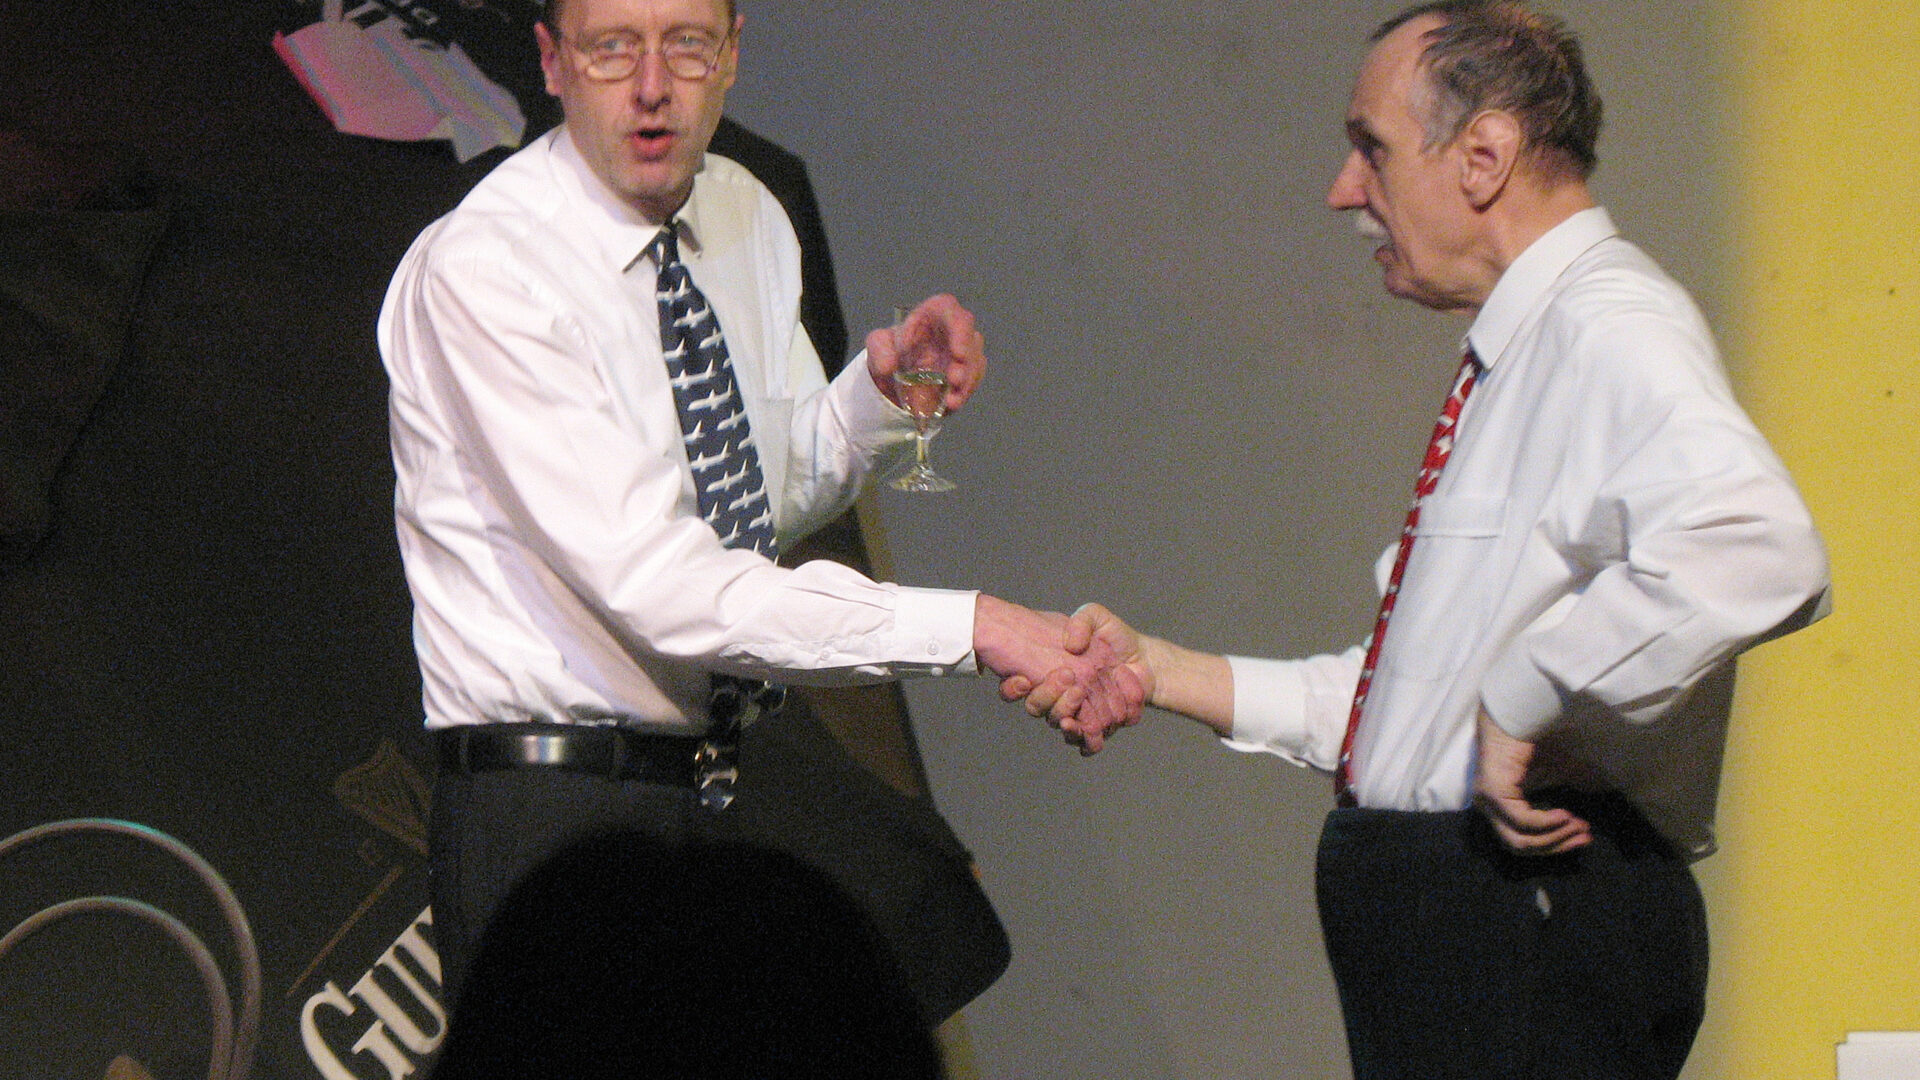 Szenenfoto einer Auffuehrung: Zwei Maenner geben sich die Hand auf einer Buehne.